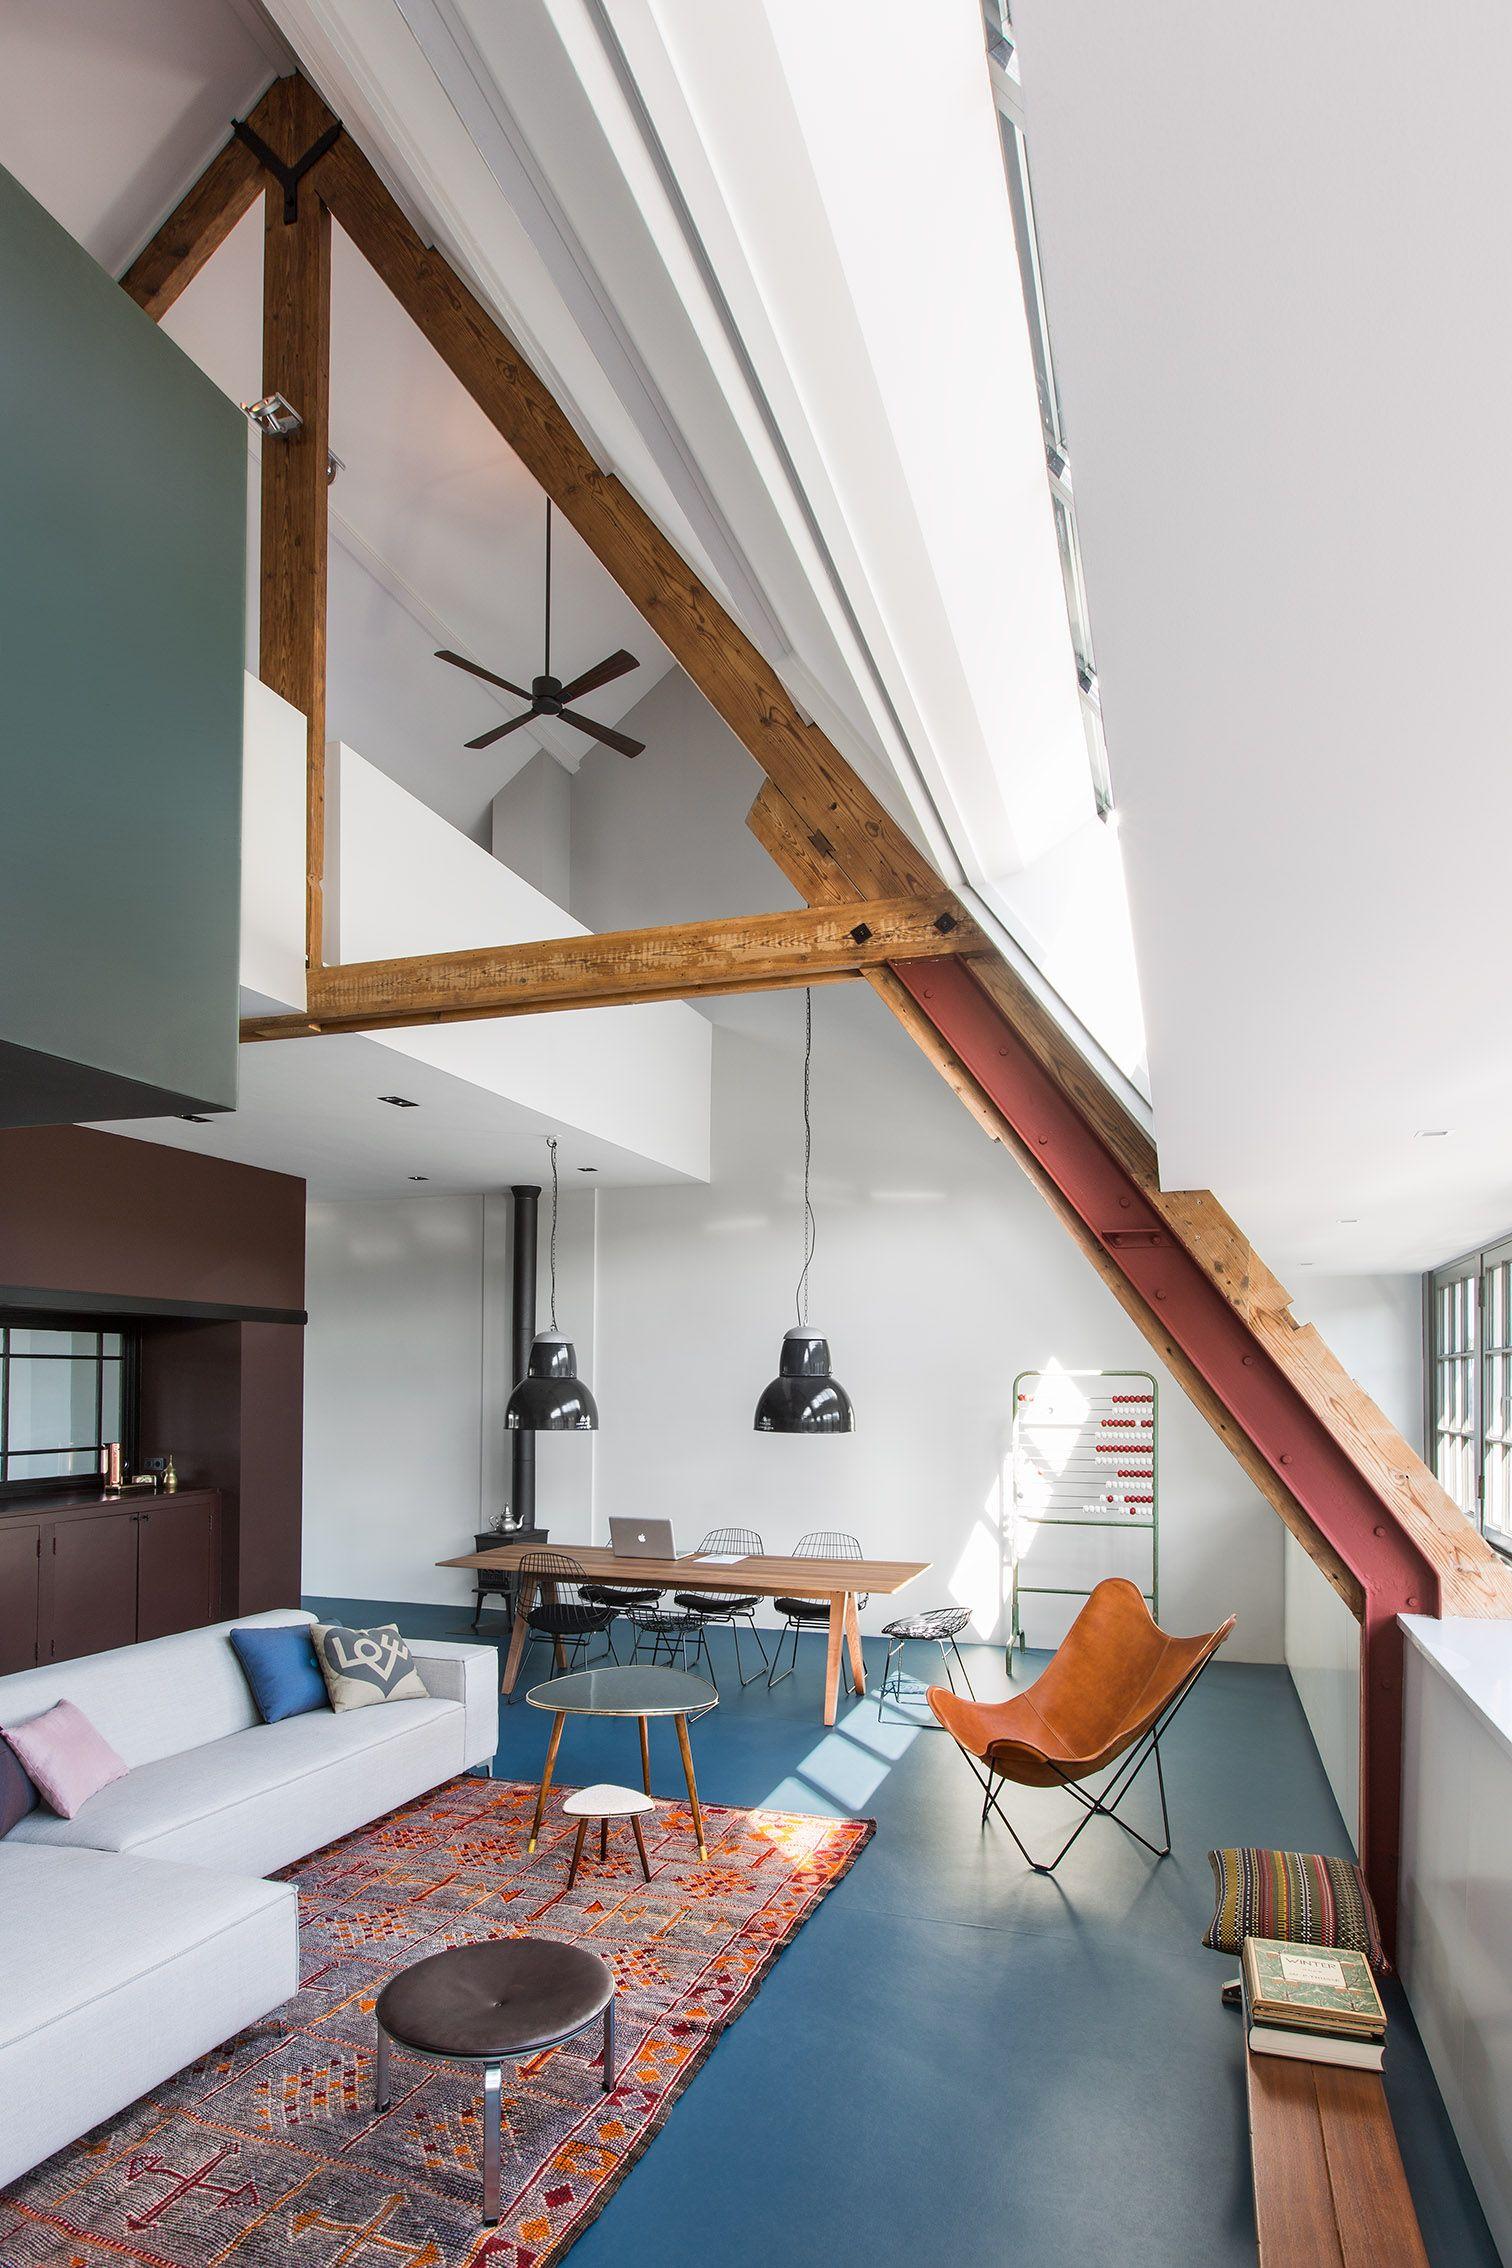 offene decke | dachgeschos | pinterest | offene decke und deckchen - Wohnzimmer Offene Decke